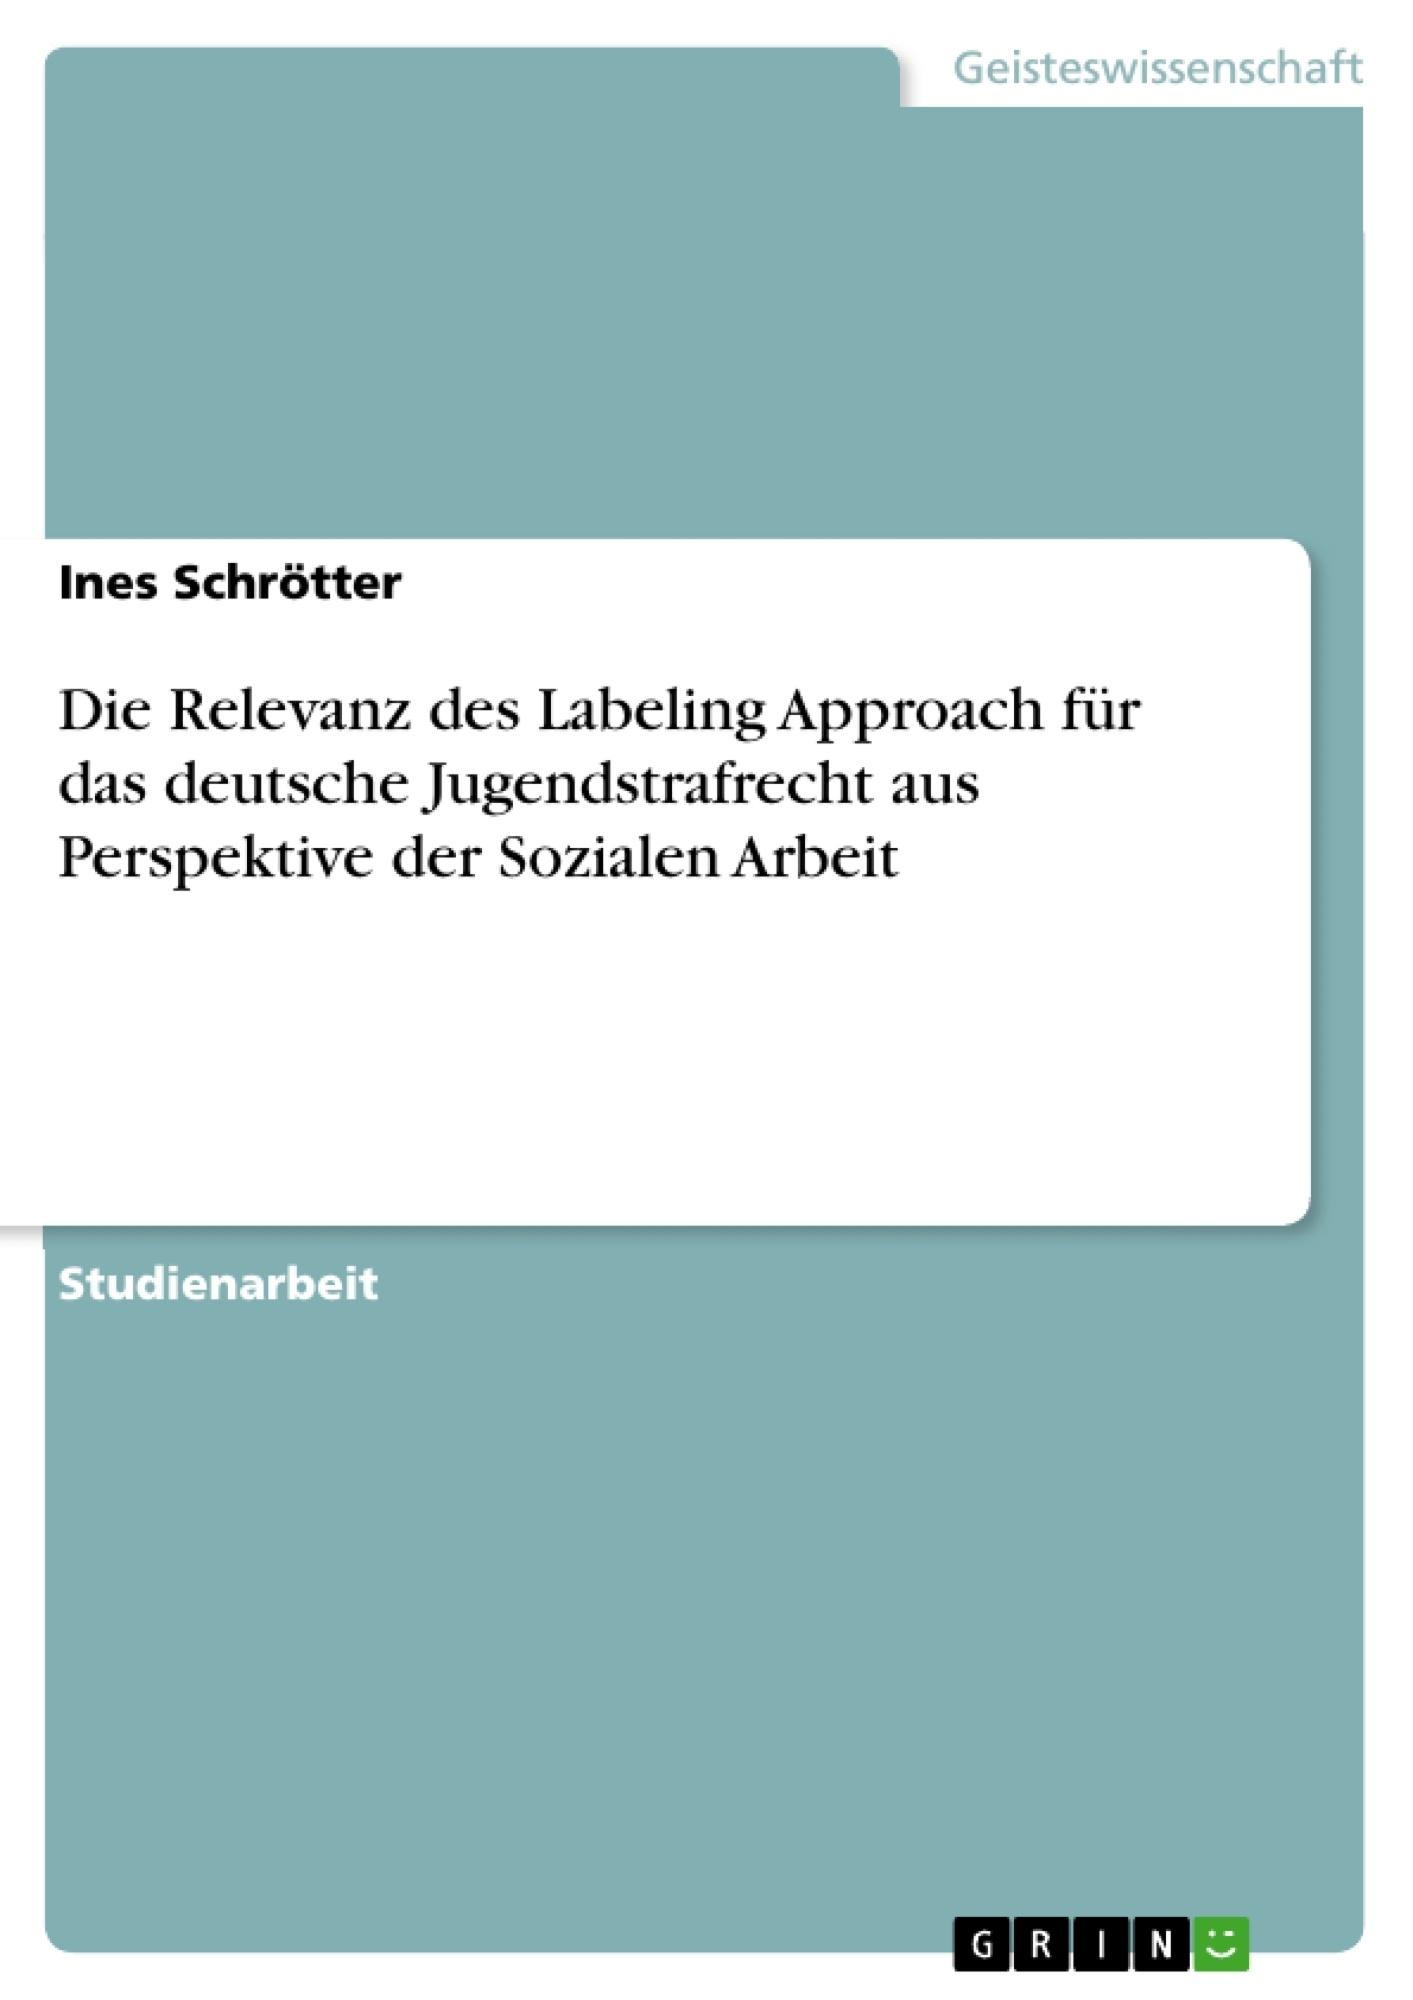 Titel: Die Relevanz des Labeling Approach für das deutsche Jugendstrafrecht aus Perspektive der Sozialen Arbeit